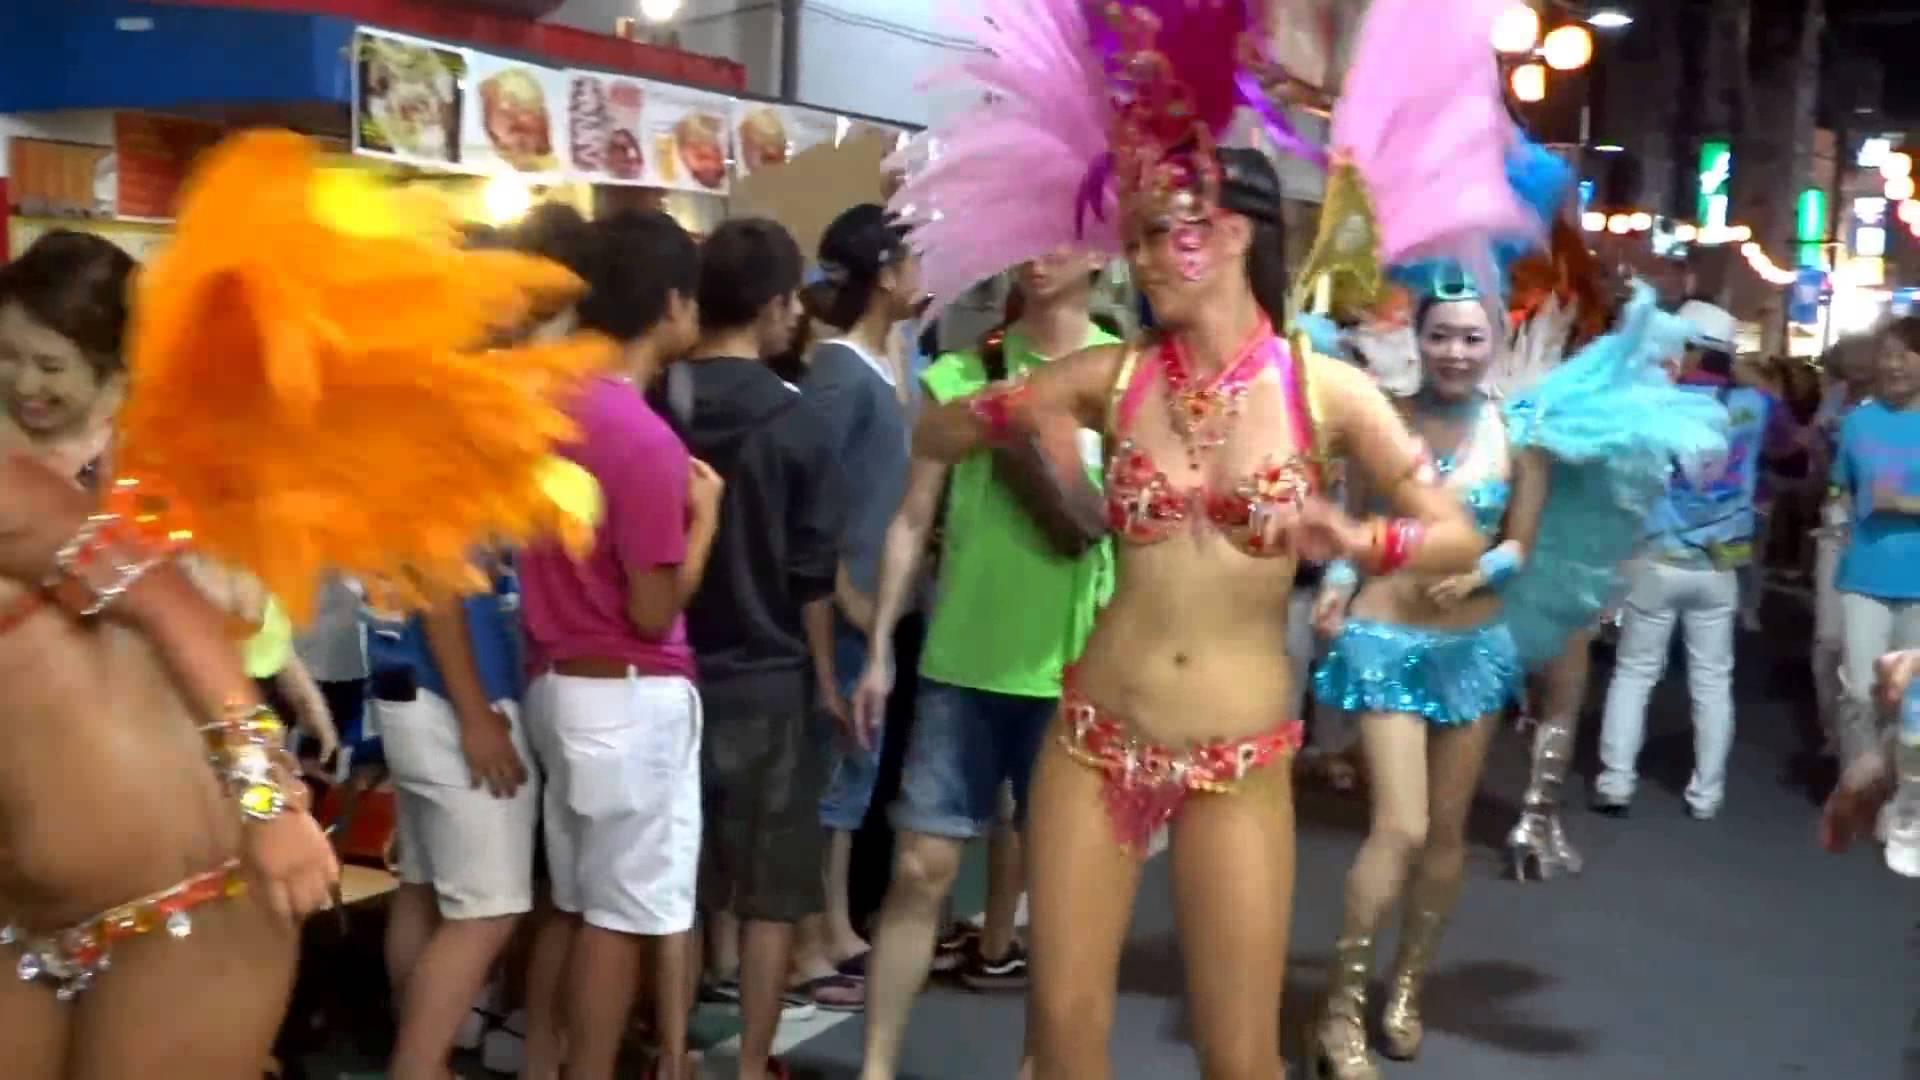 【サンバエロ画像】もう日本の伝統になりつつあるサンバカーニバル…真っ昼間から半裸で踊り狂ううおねーさんがそそるwww その14